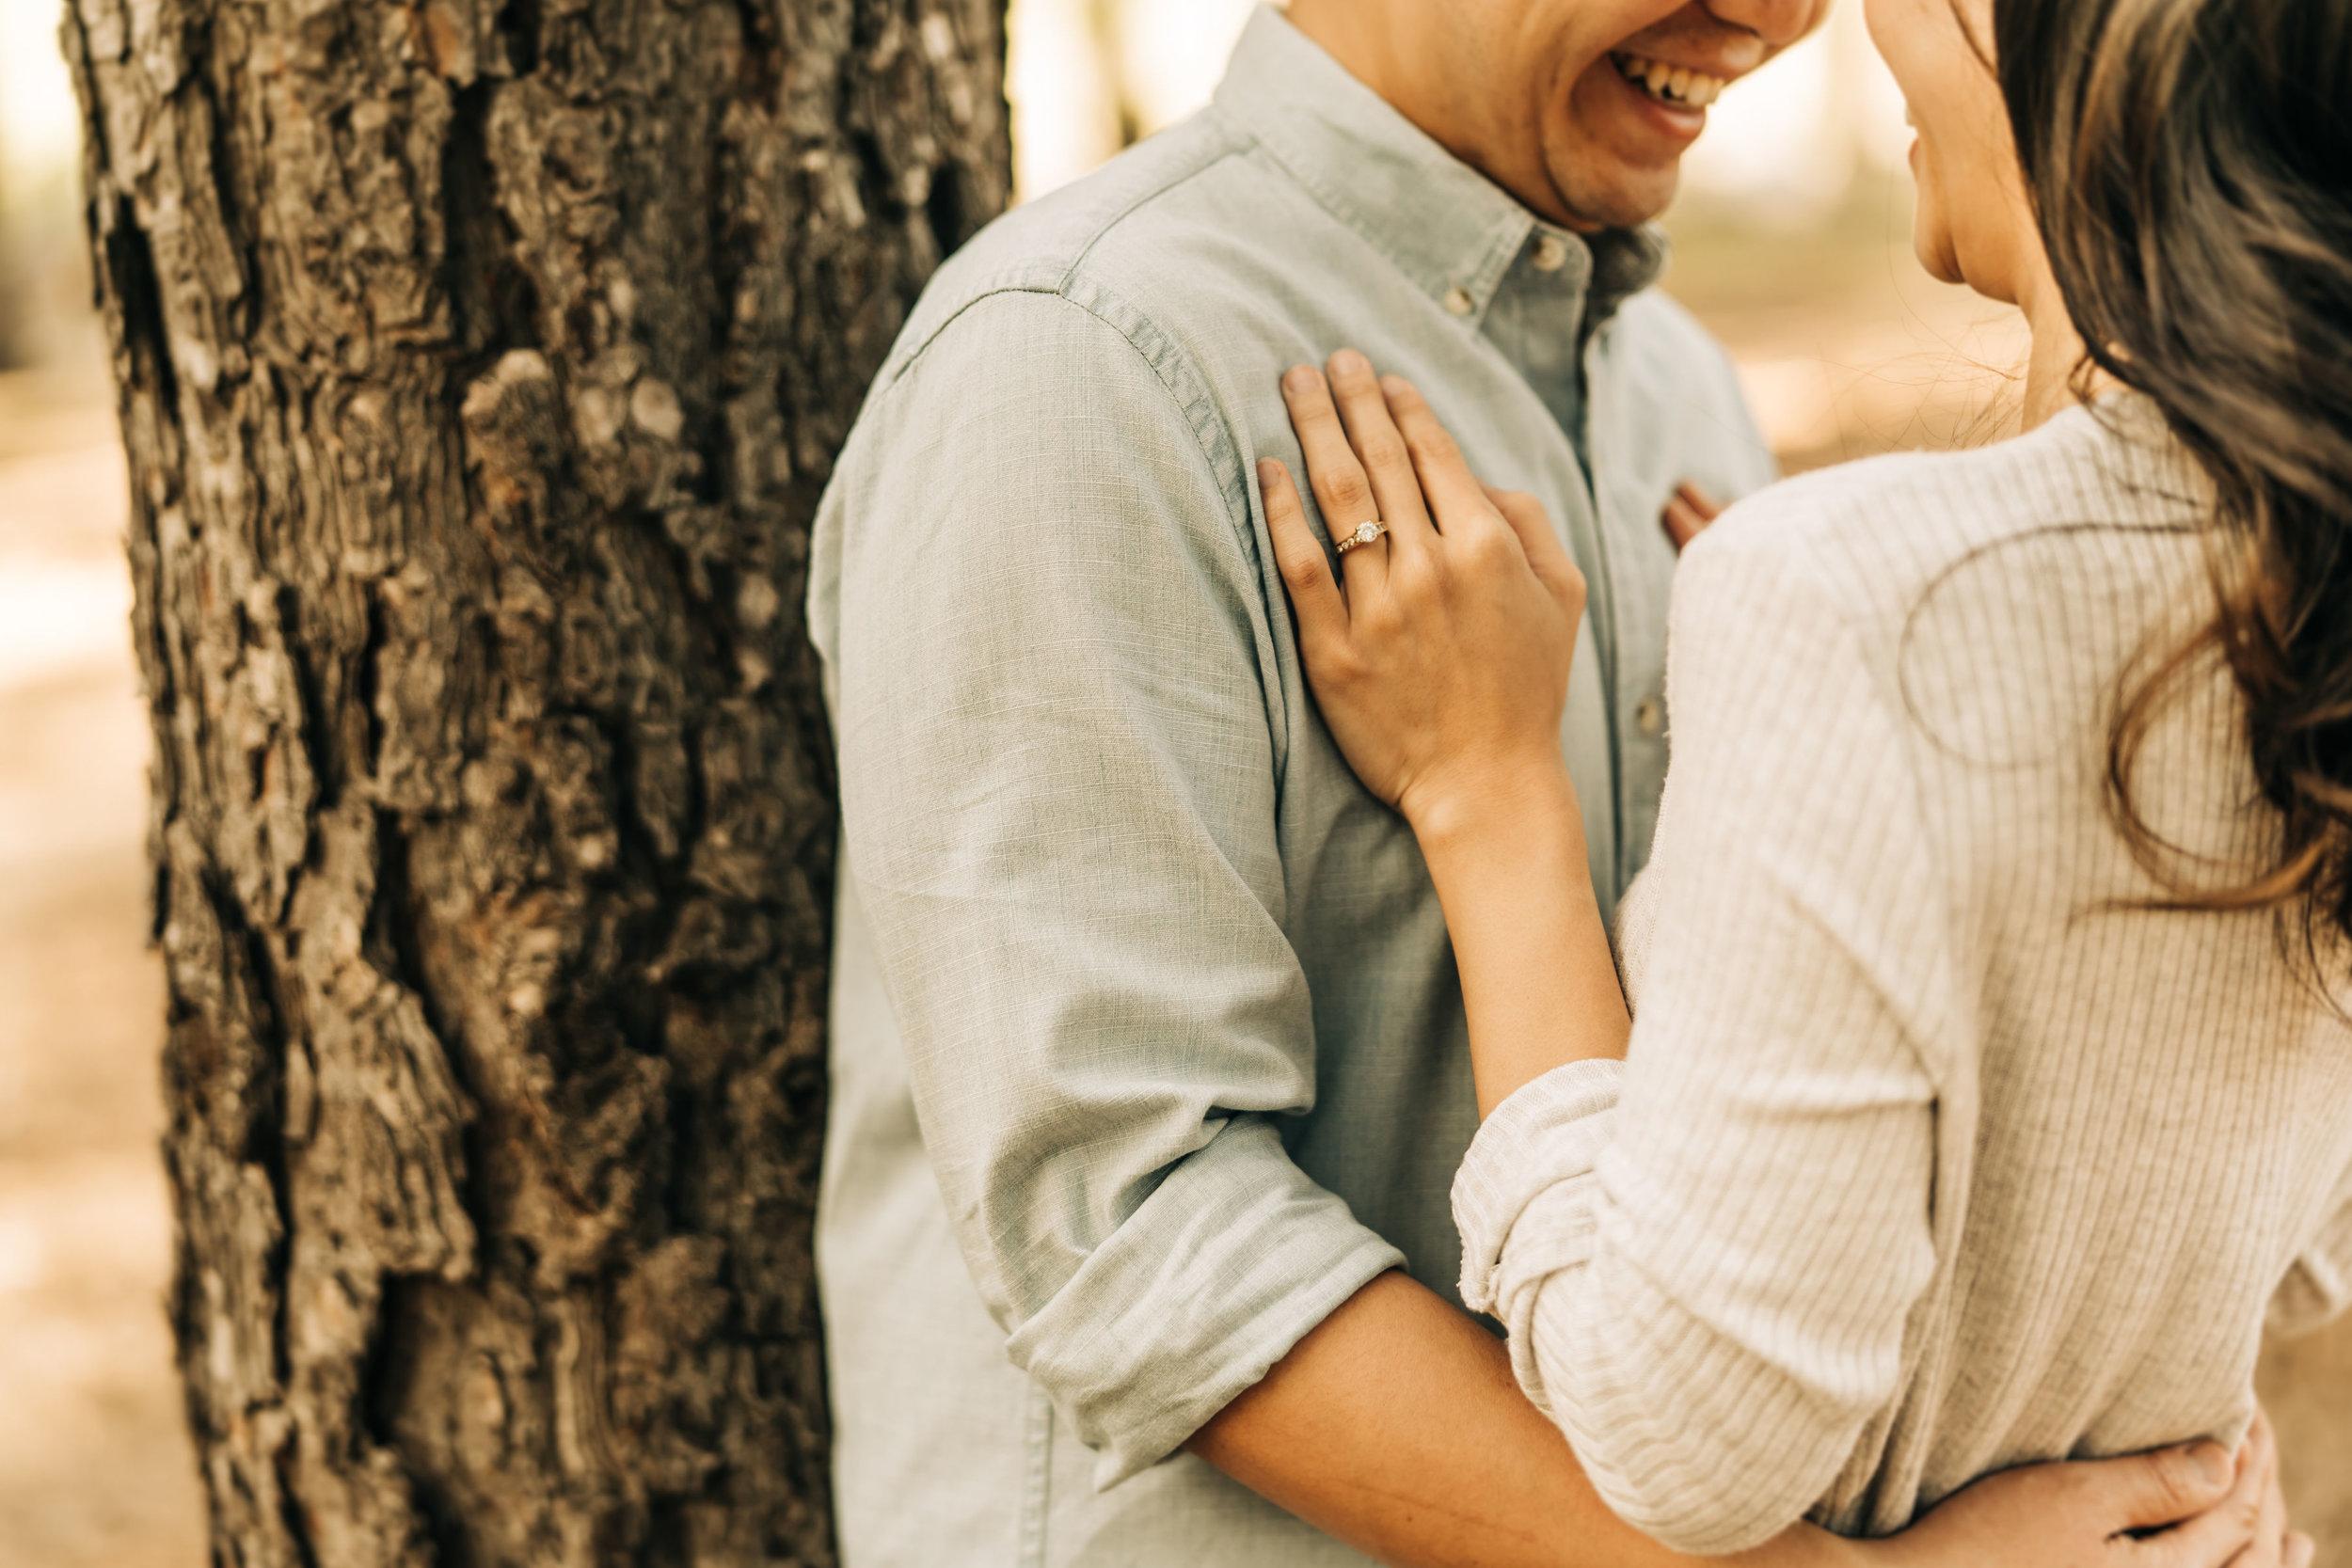 la-forest-engagement-photos-035.jpg